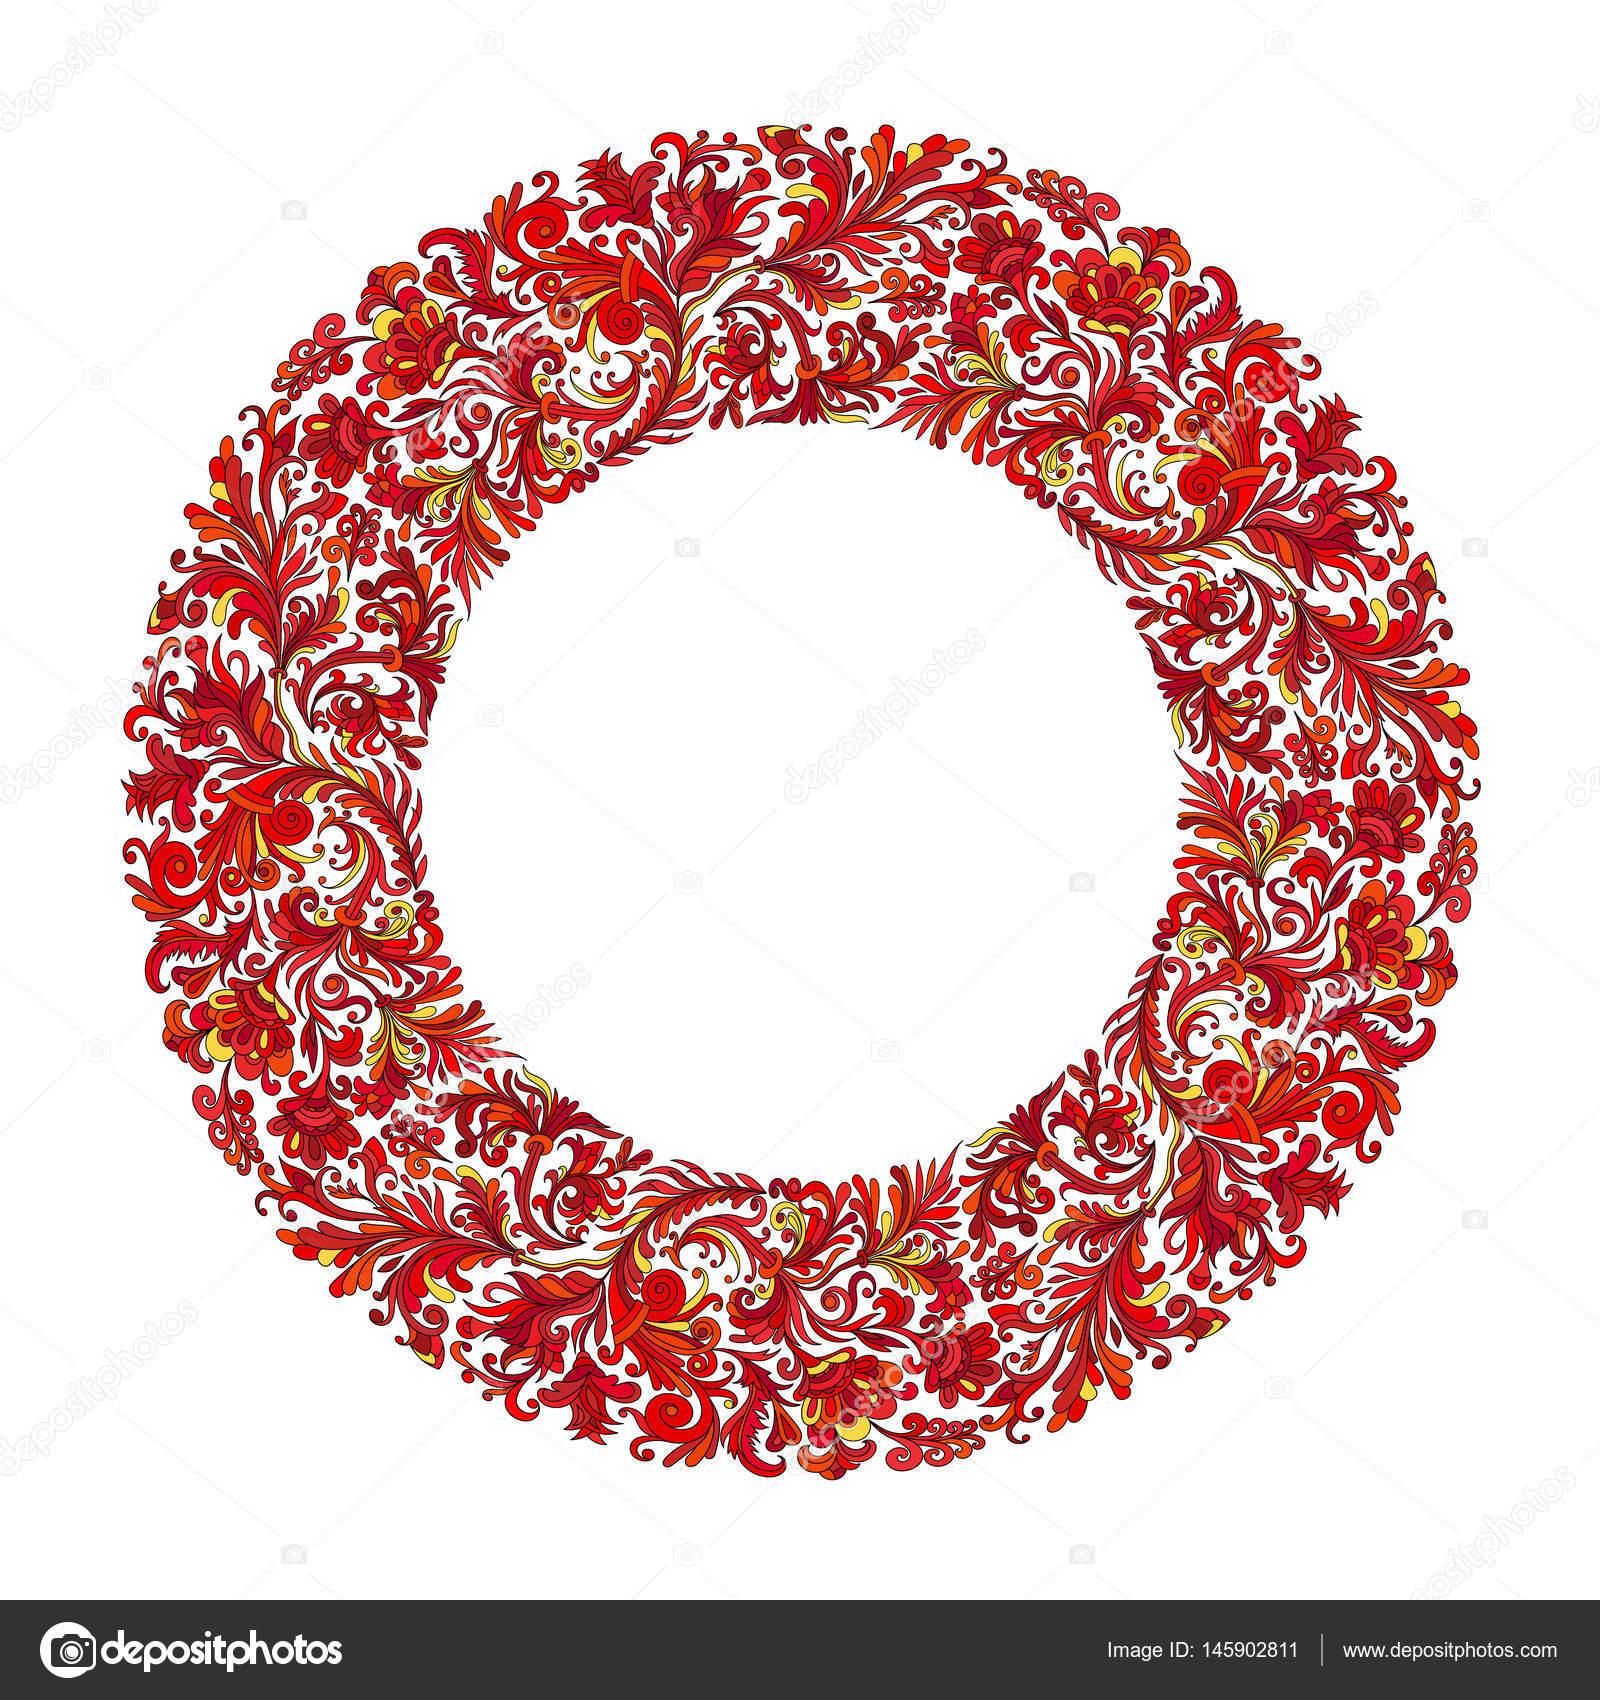 de círculo de Vector, diseño de corona formada doodle flores ...